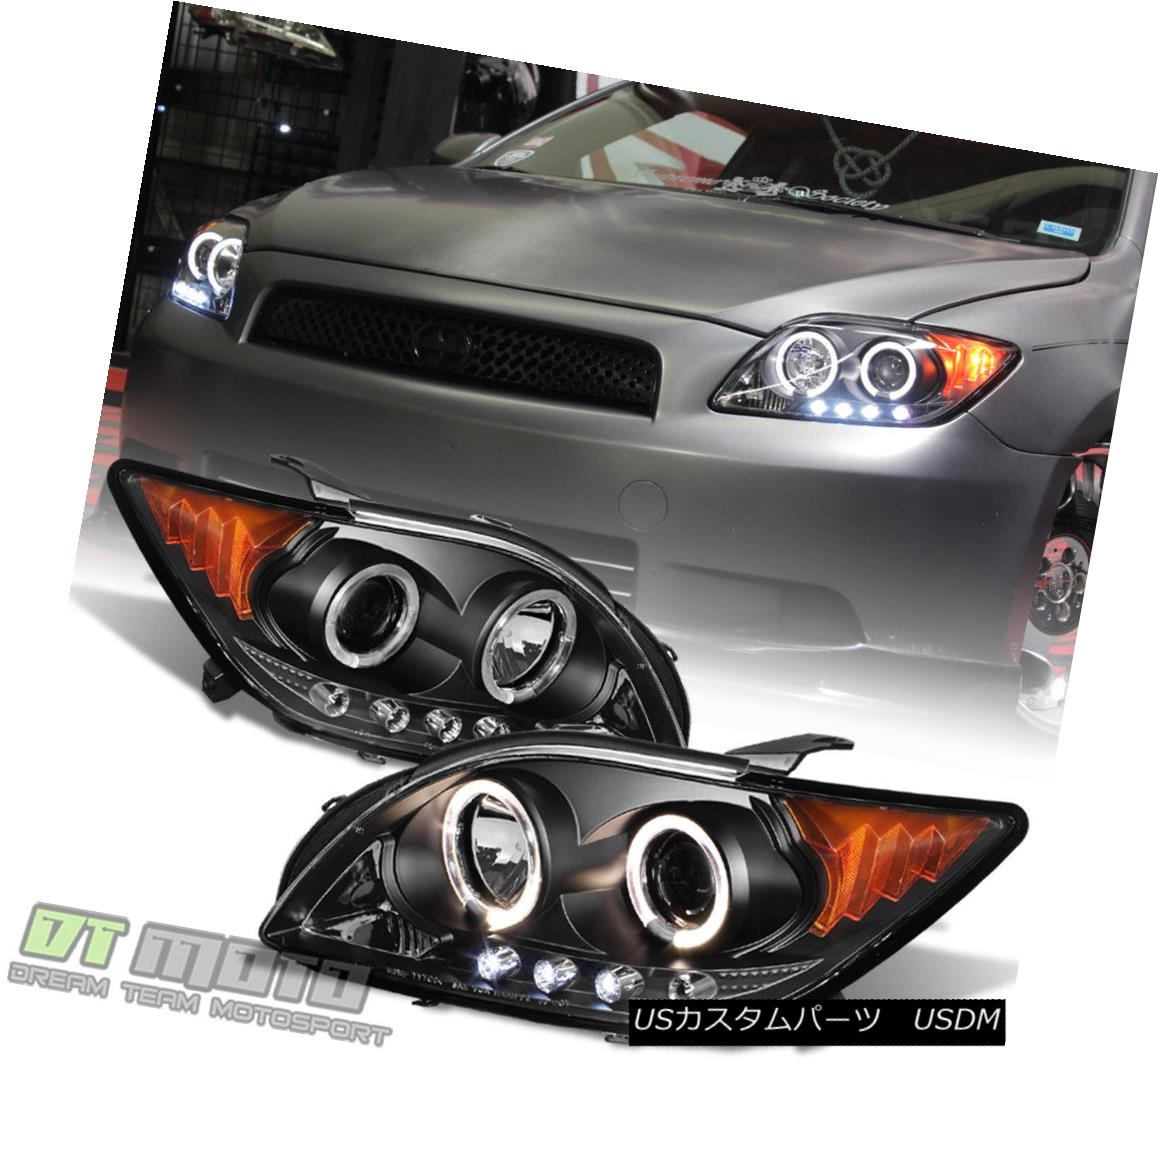 ヘッドライト Black 2005 2006 2007 Scion tC LED Halo Projector Headlights Headlamps Left+Right Black 2005 2006 2007 Scion tC LED HaloプロジェクターヘッドライトヘッドランプLeft + Right